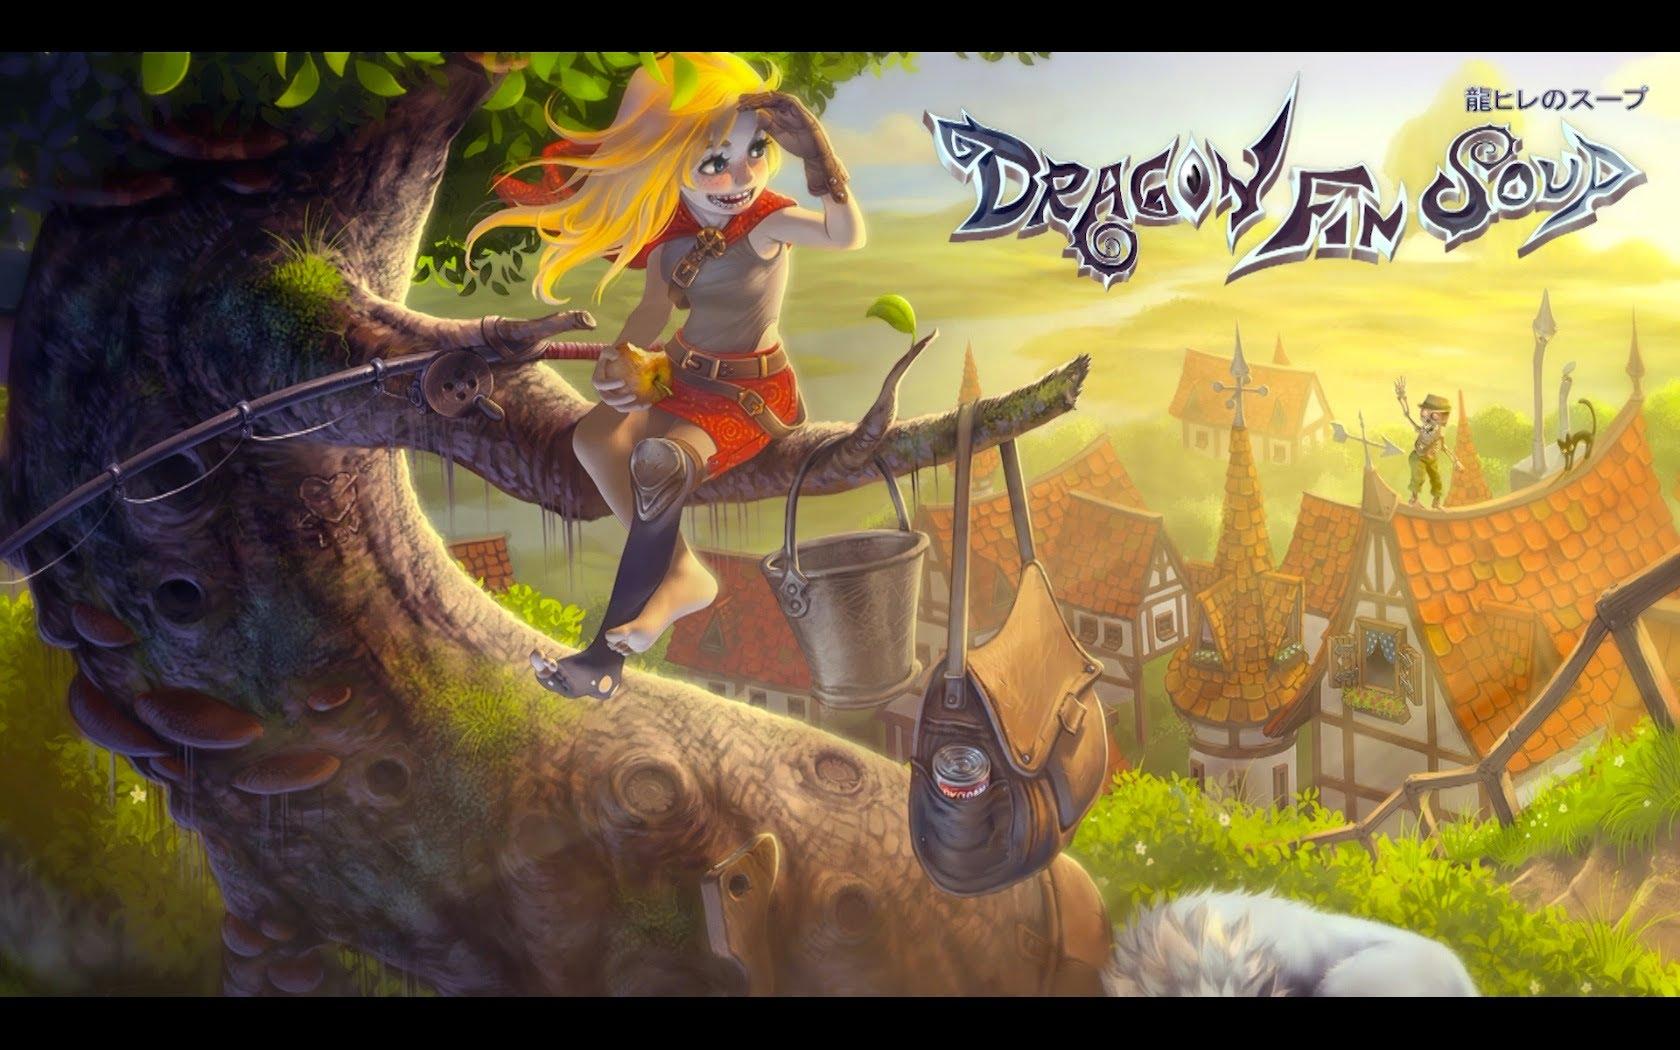 Kickstarter Spotlight: Dragon Fin Soup